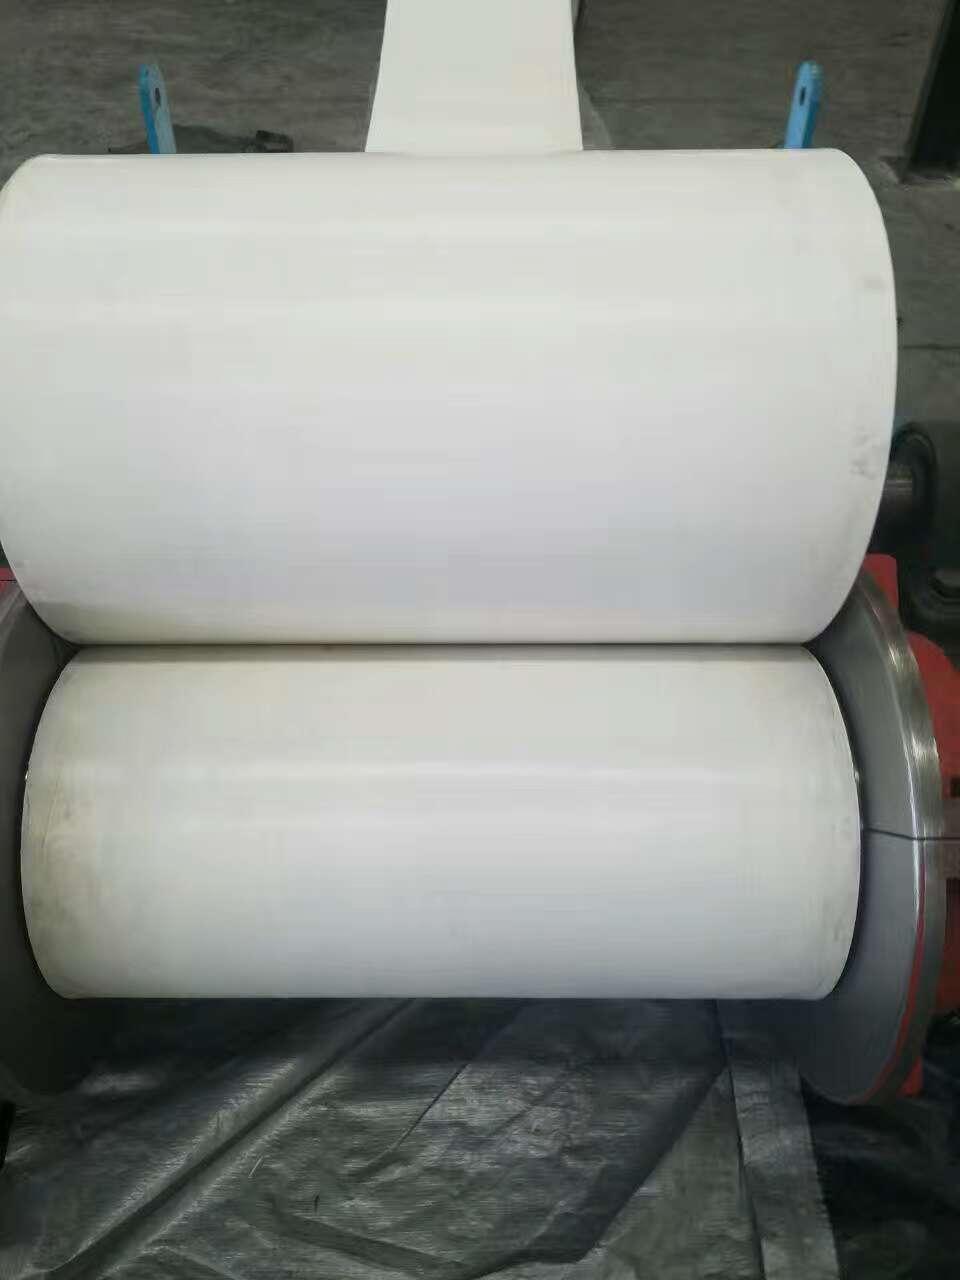 青岛白色橡胶输送带供应商-青岛白色橡胶输送带哪家好